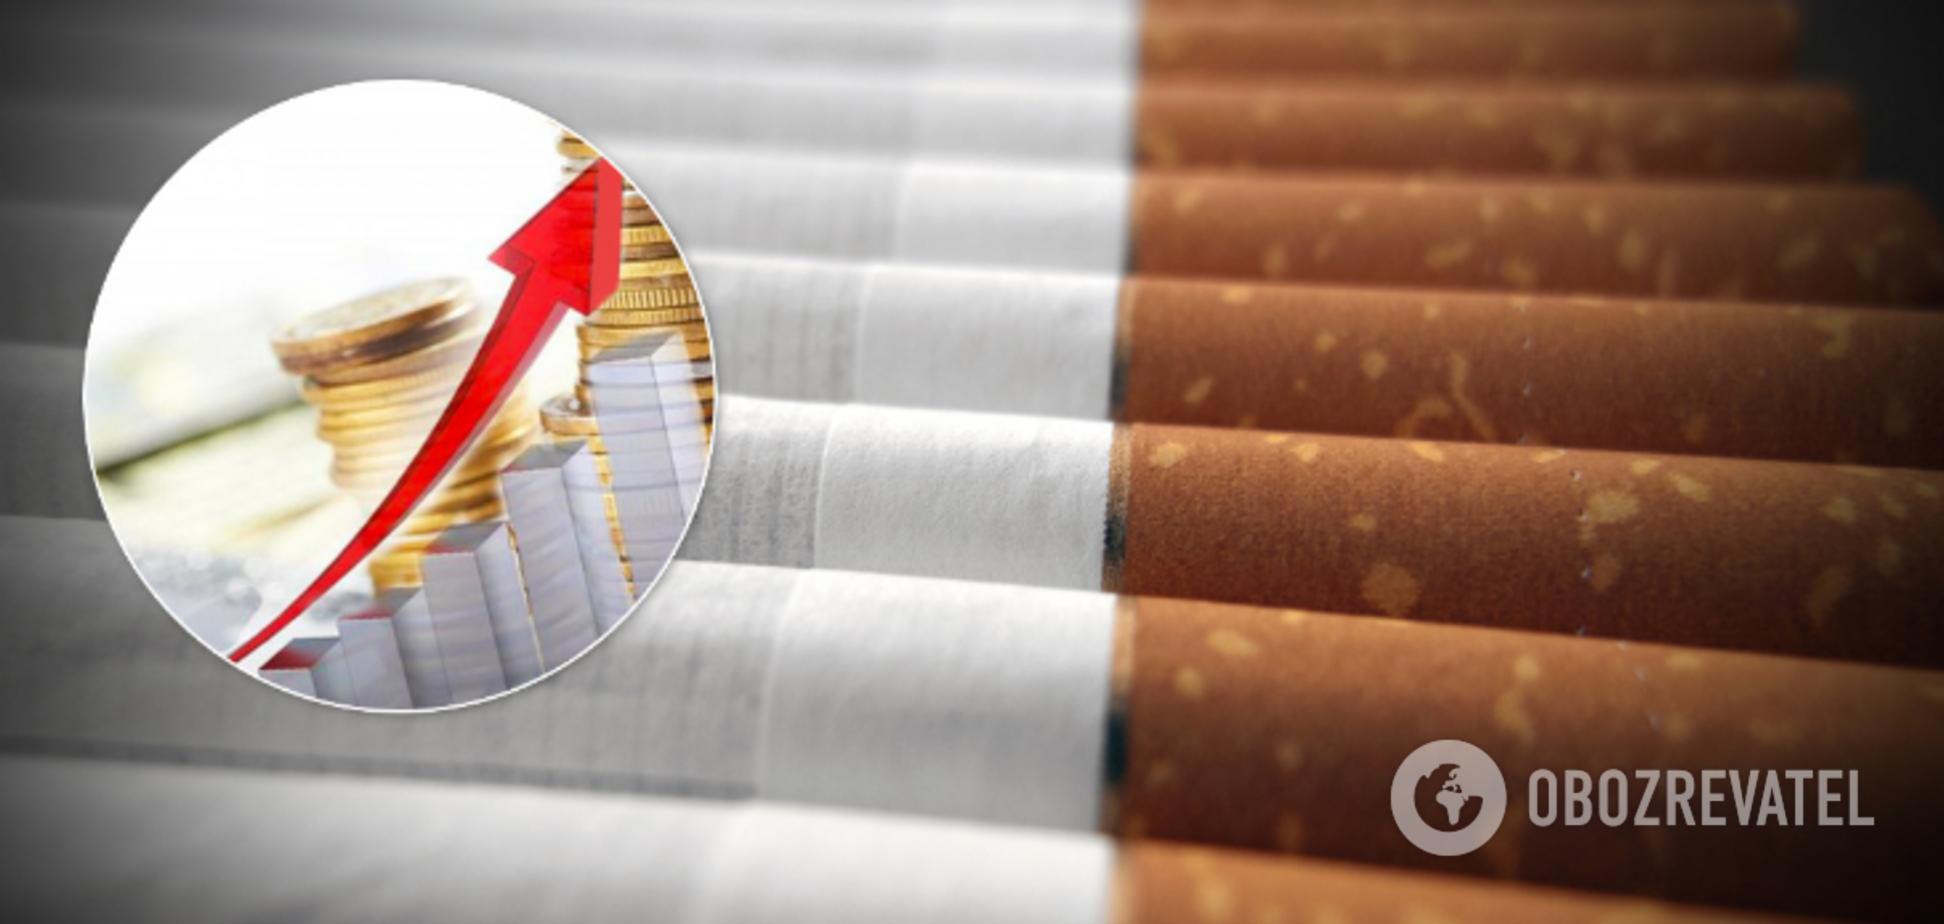 В Україні заборонять частину сигарет, а ціни зростуть: що чекає на курців і скільки коштуватиме пачка